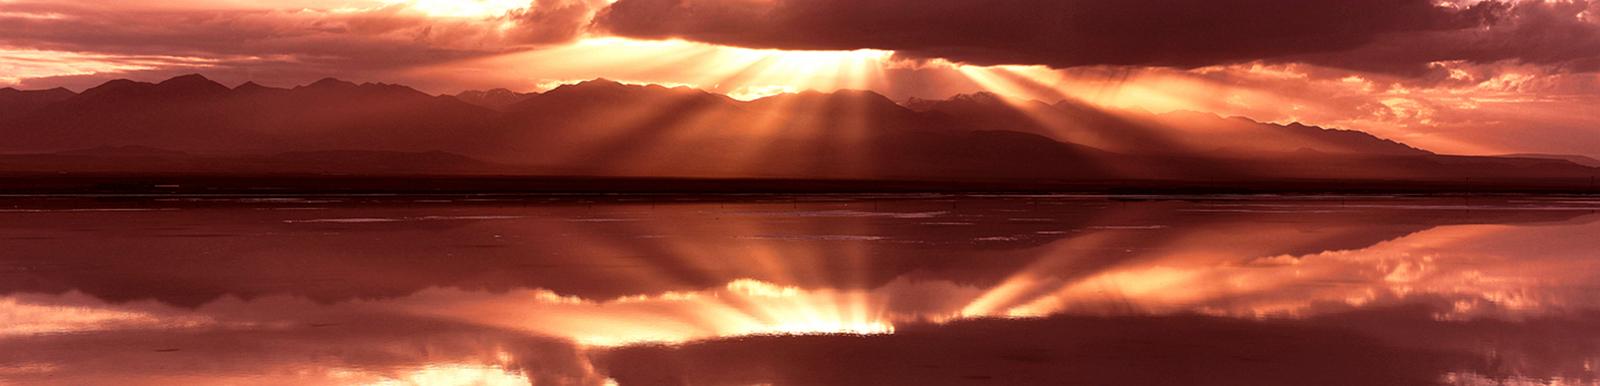 全影像作品:天空之镜-2